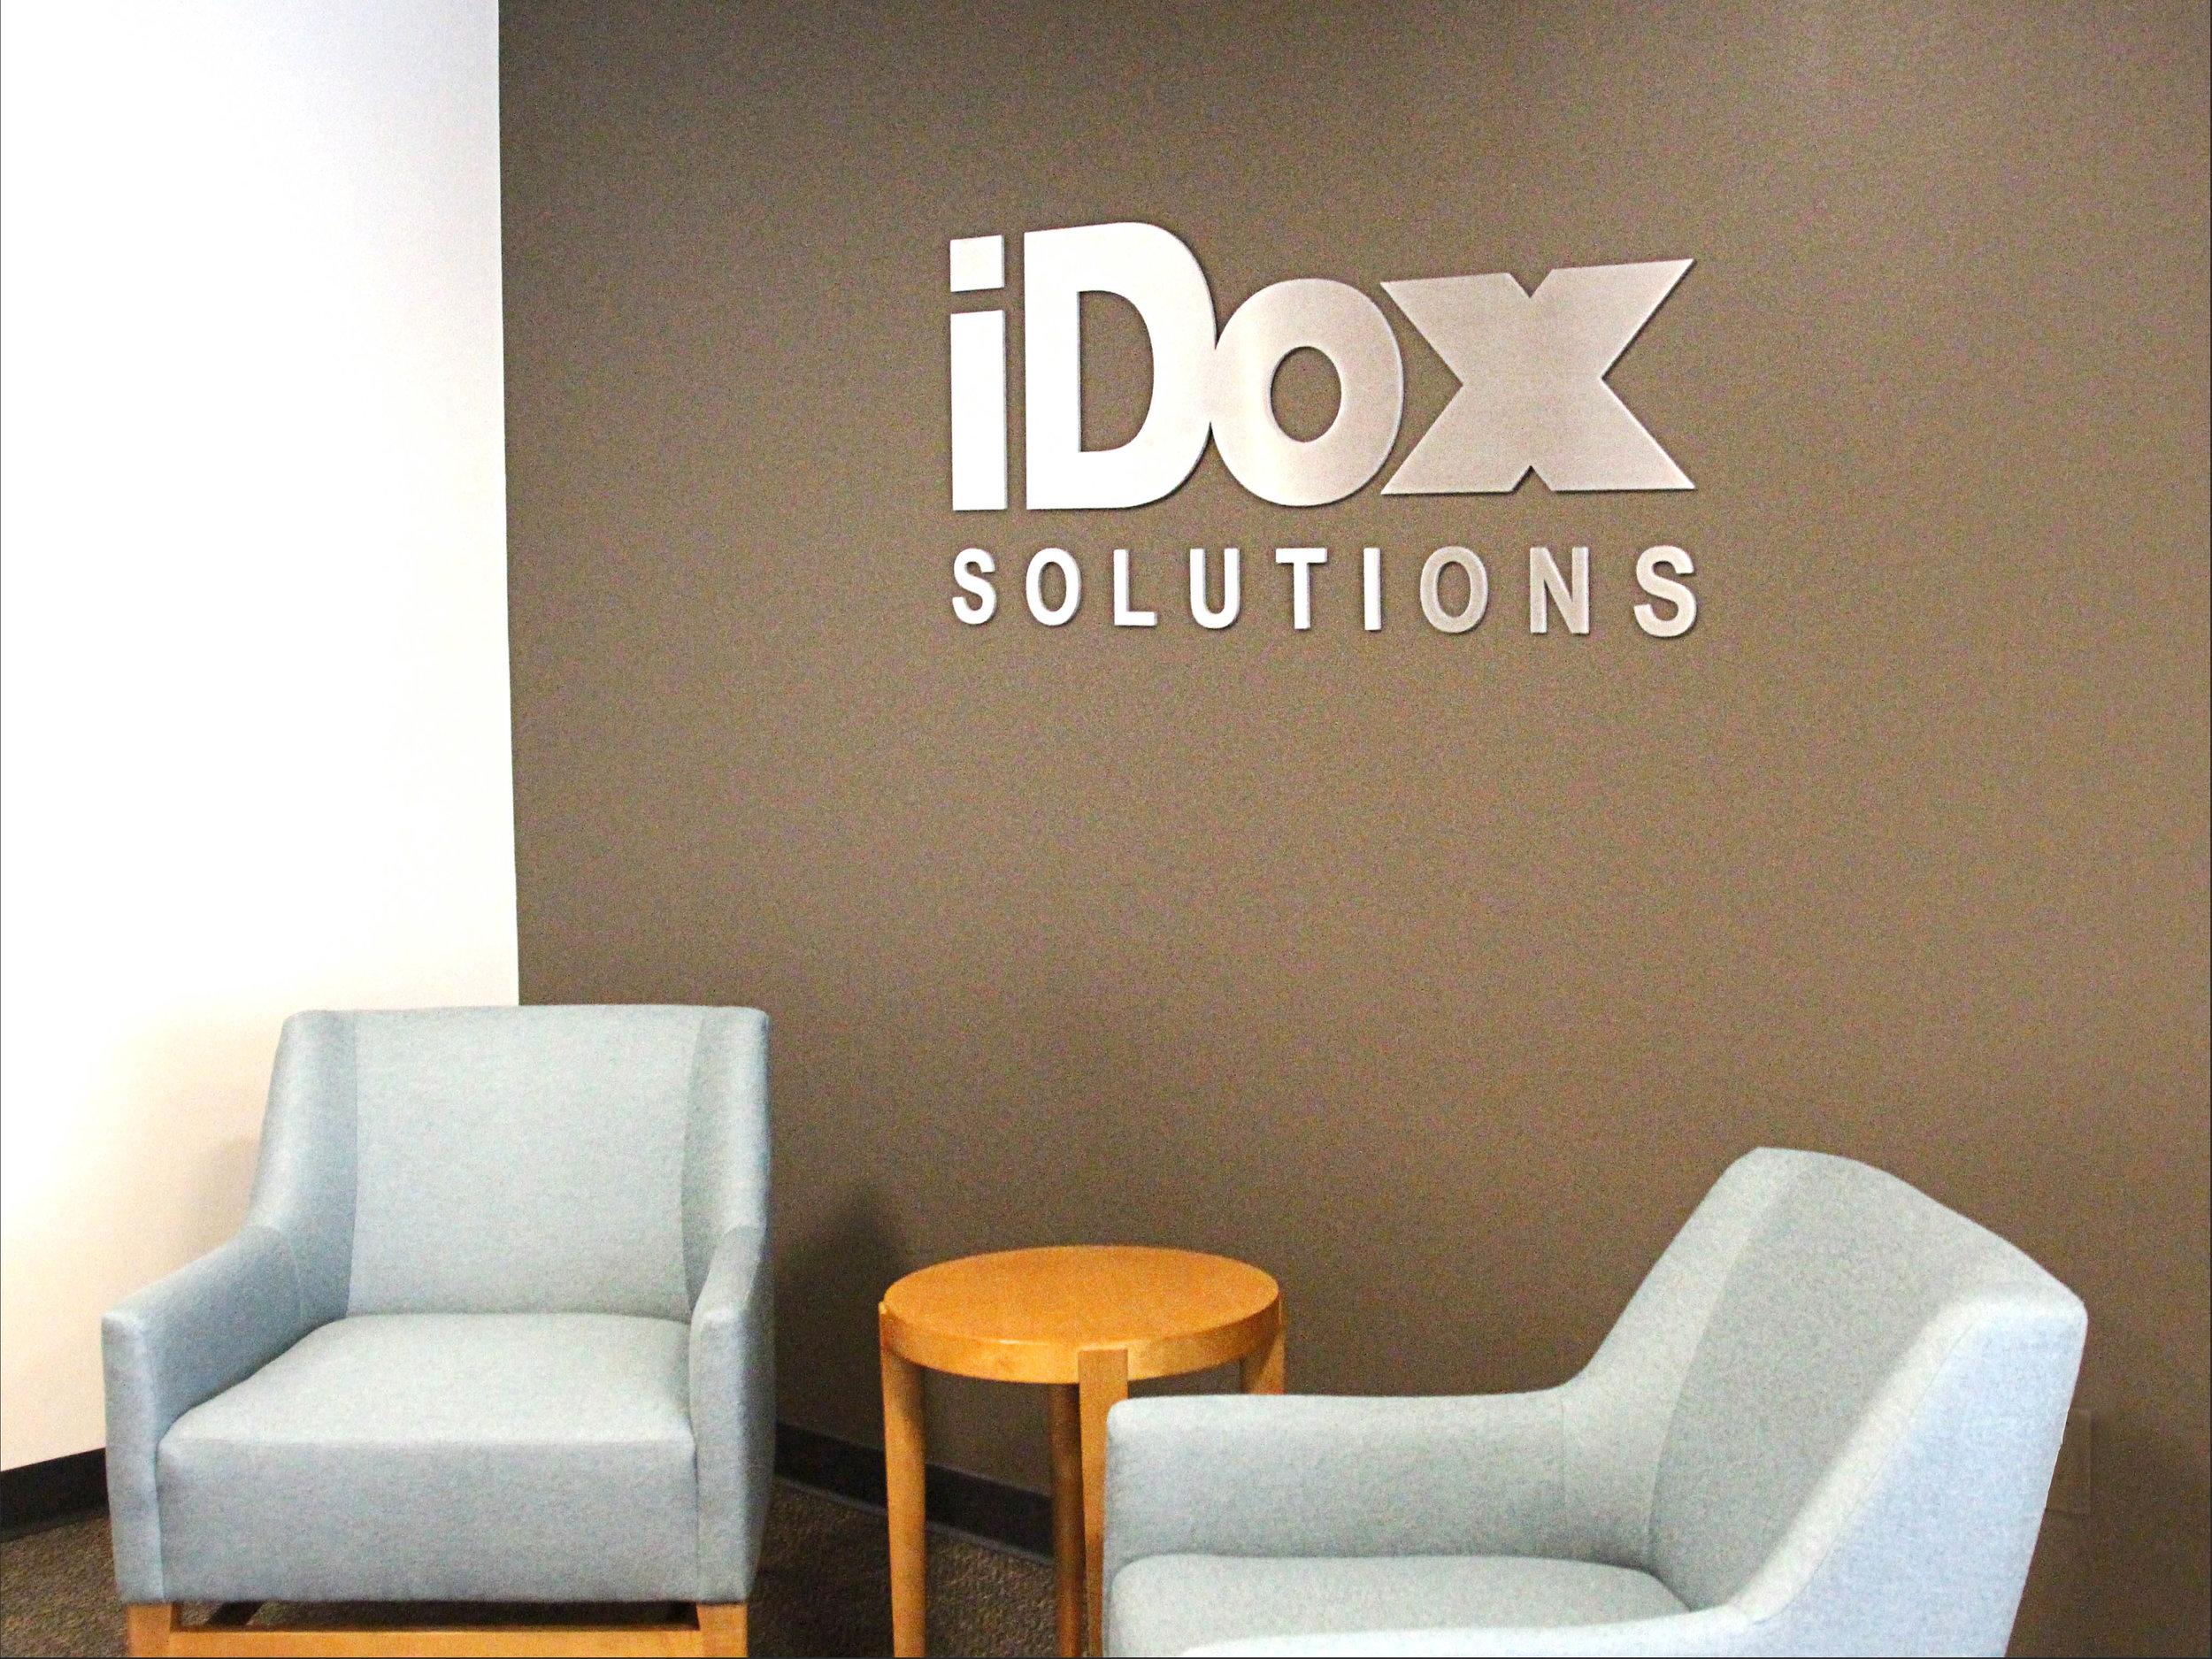 iDox Work Here